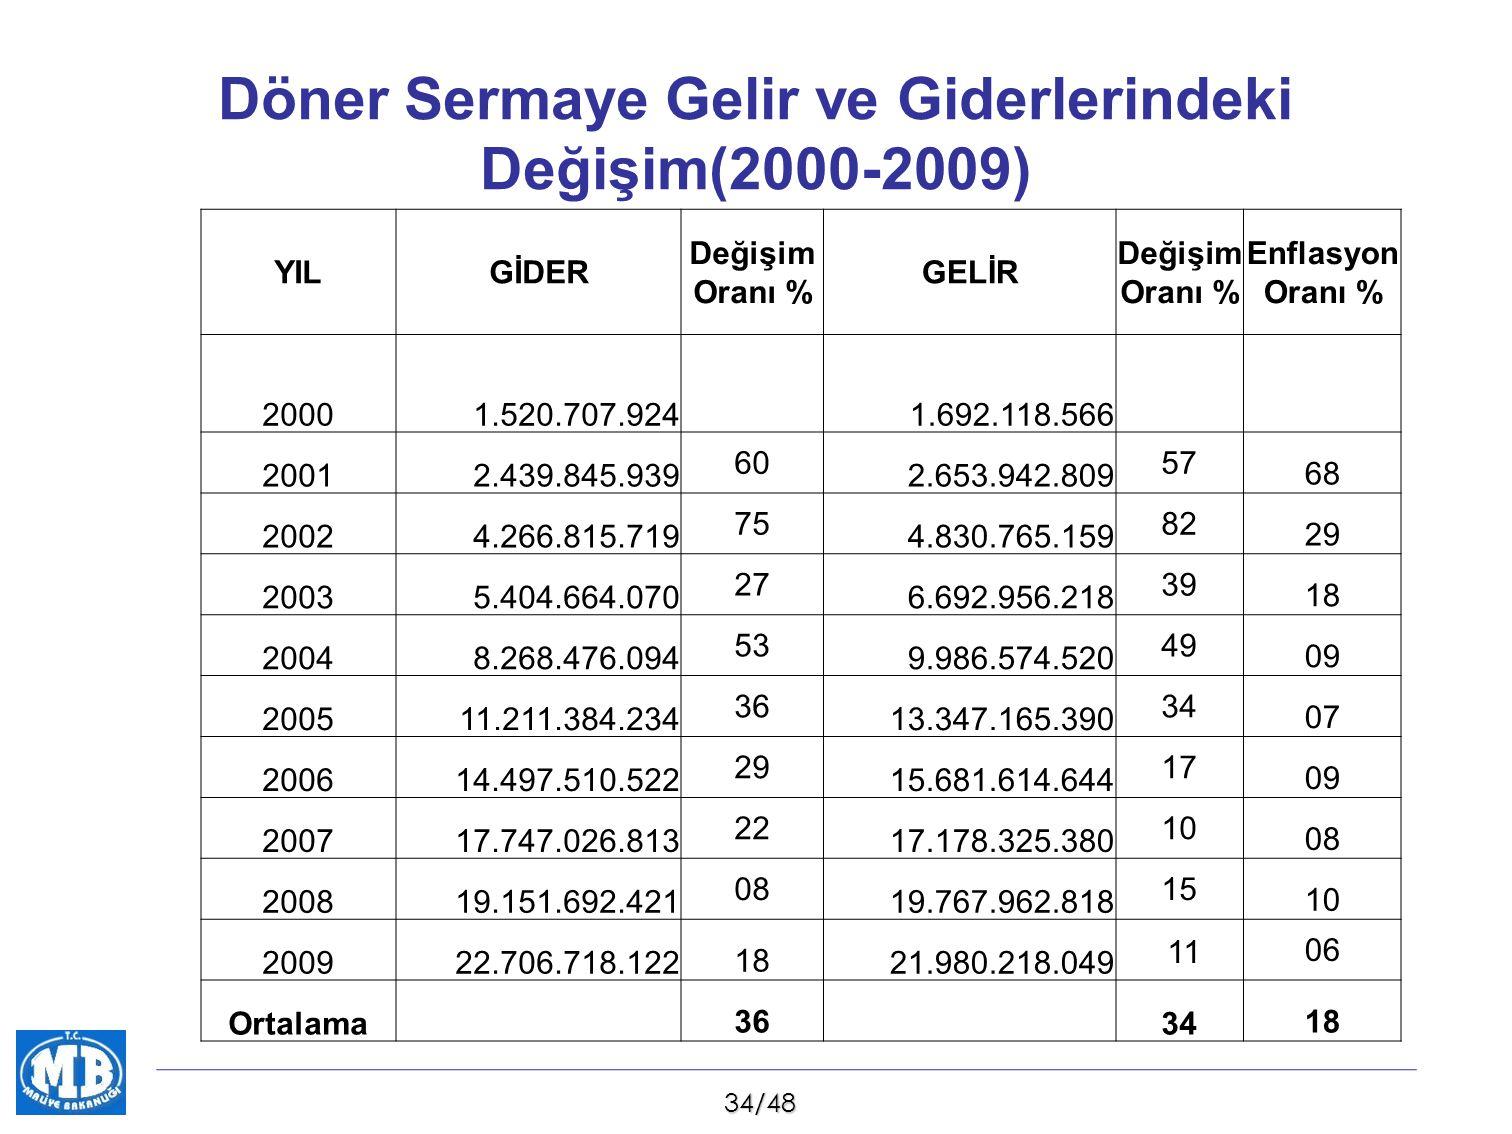 Döner Sermaye Gelir ve Giderlerindeki Değişim(2000-2009)